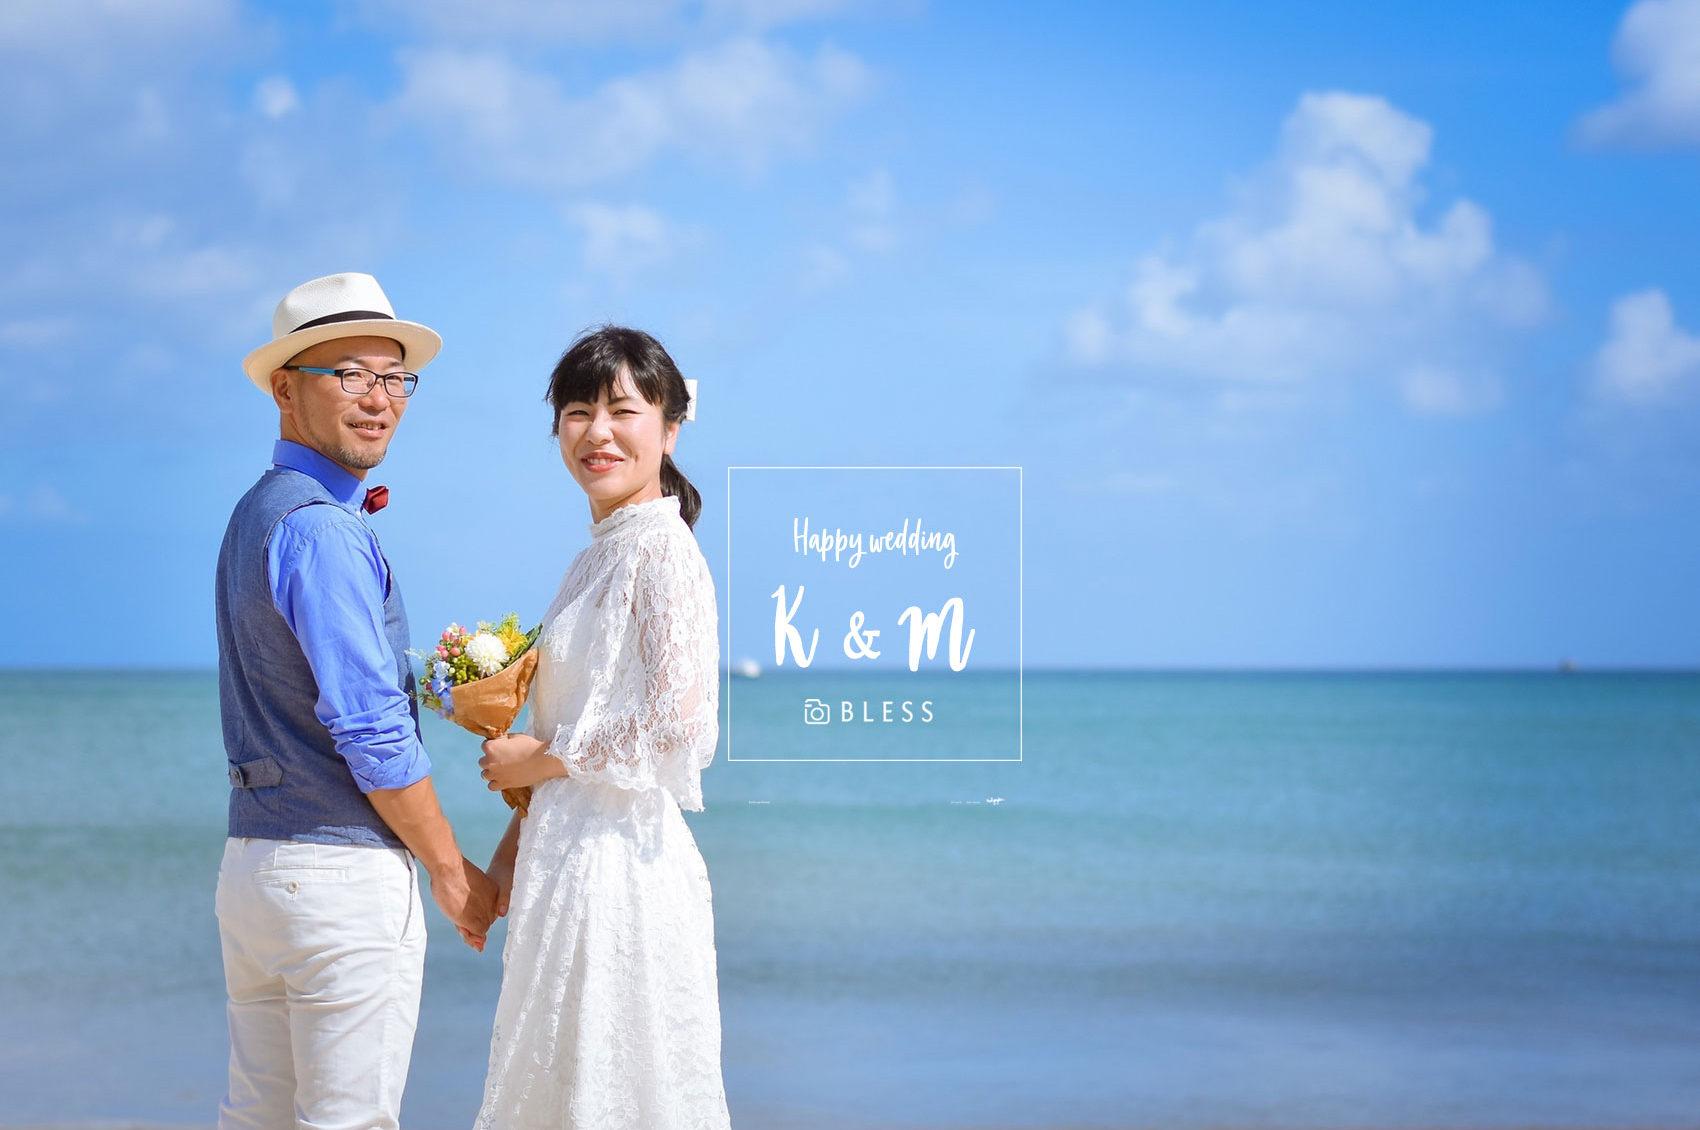 【お客様レポ#238】K&M様のビーチフォトはレーシーな長袖ドレスとお洒落タキシードで撮影!